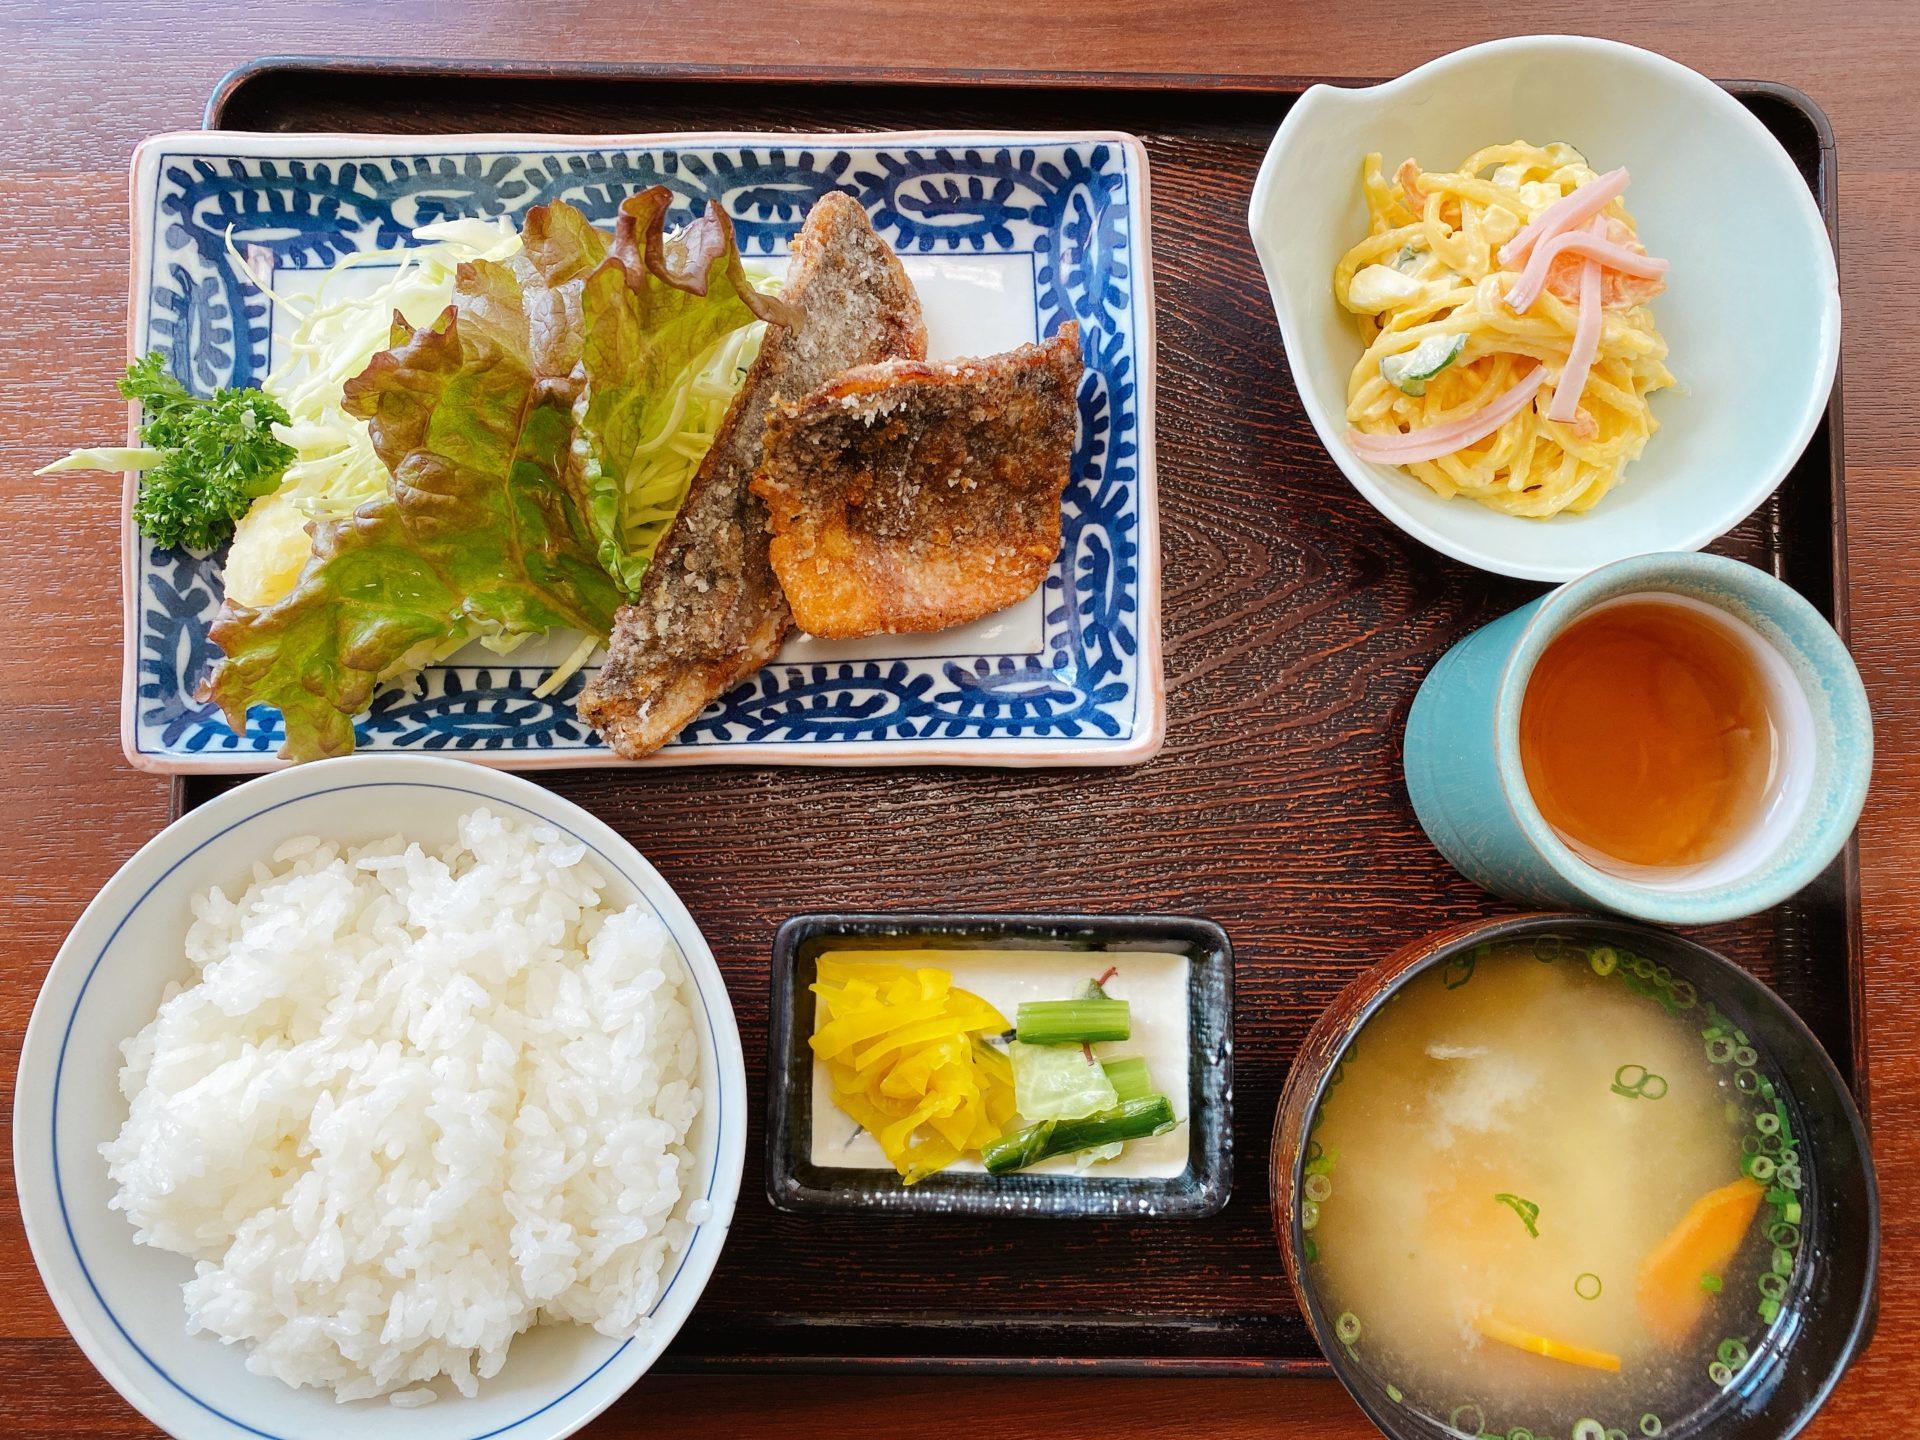 岡山駅から徒歩10分 海鮮料理 はまゆうにて初ランチ!刺身が気になるも、日替定食のあじの竜田揚げを頂き、ダイエットチャレンジ終了